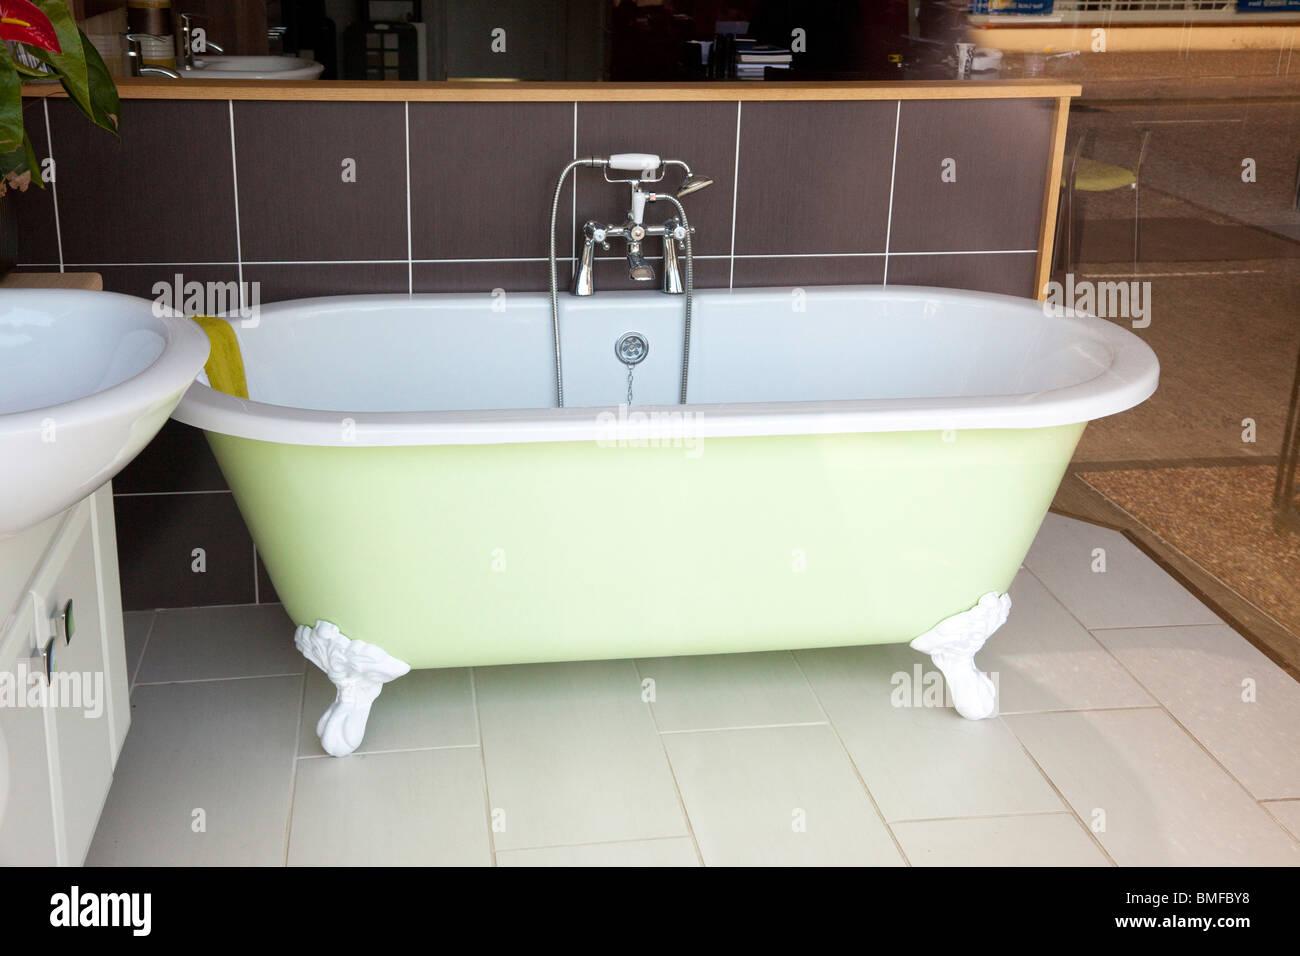 Badewanne in einem Badezimmer Shop showroom Stockfoto, Bild ...